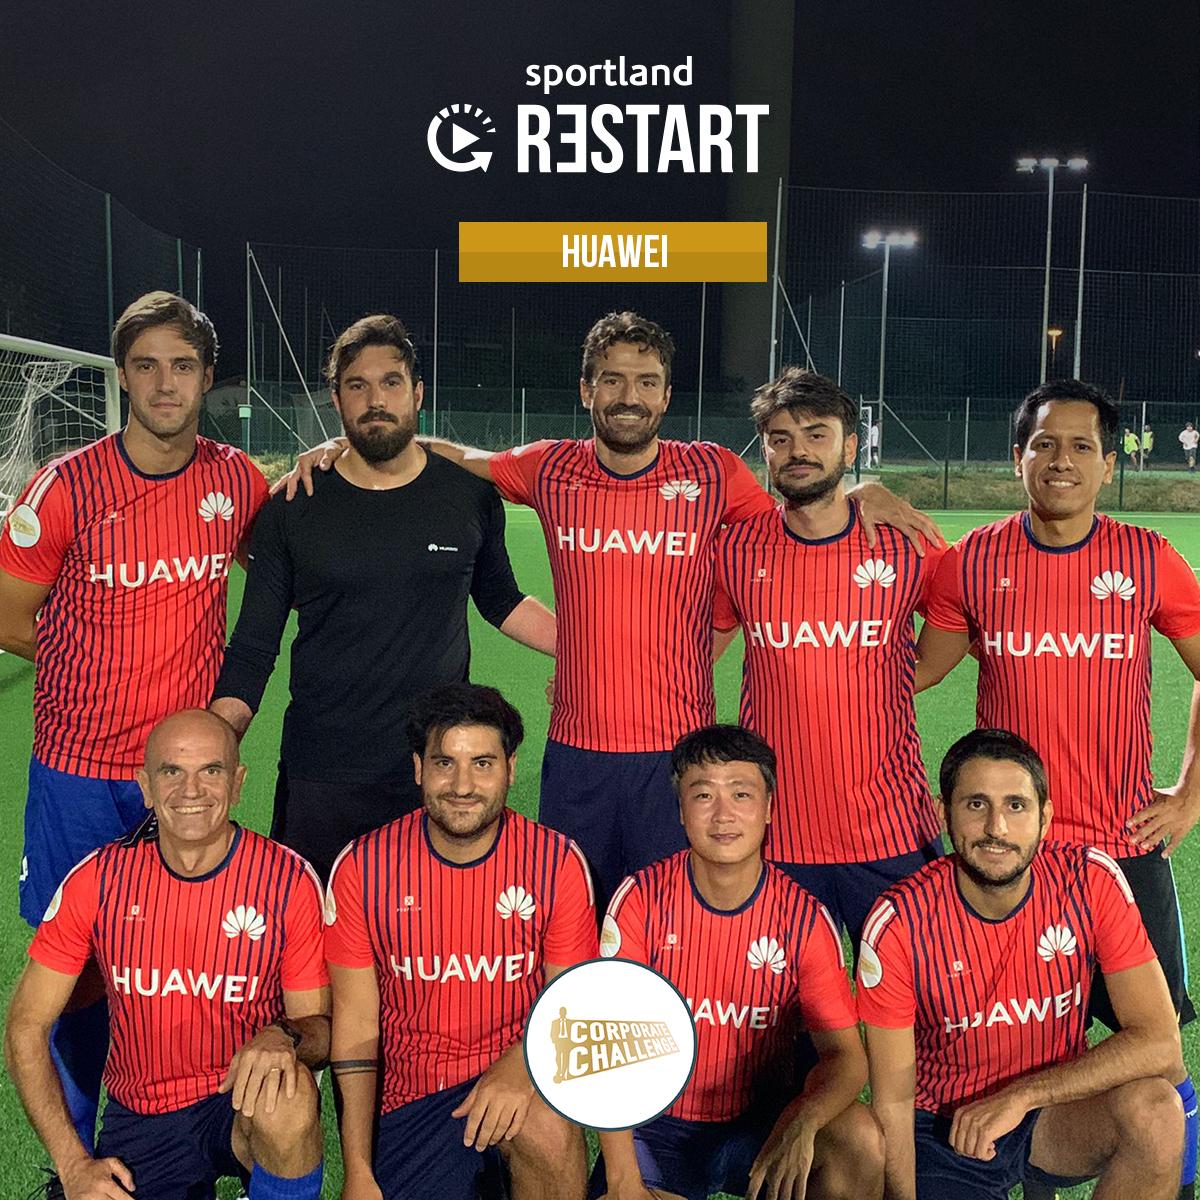 huawei torneo calcio aziendale milano sportland